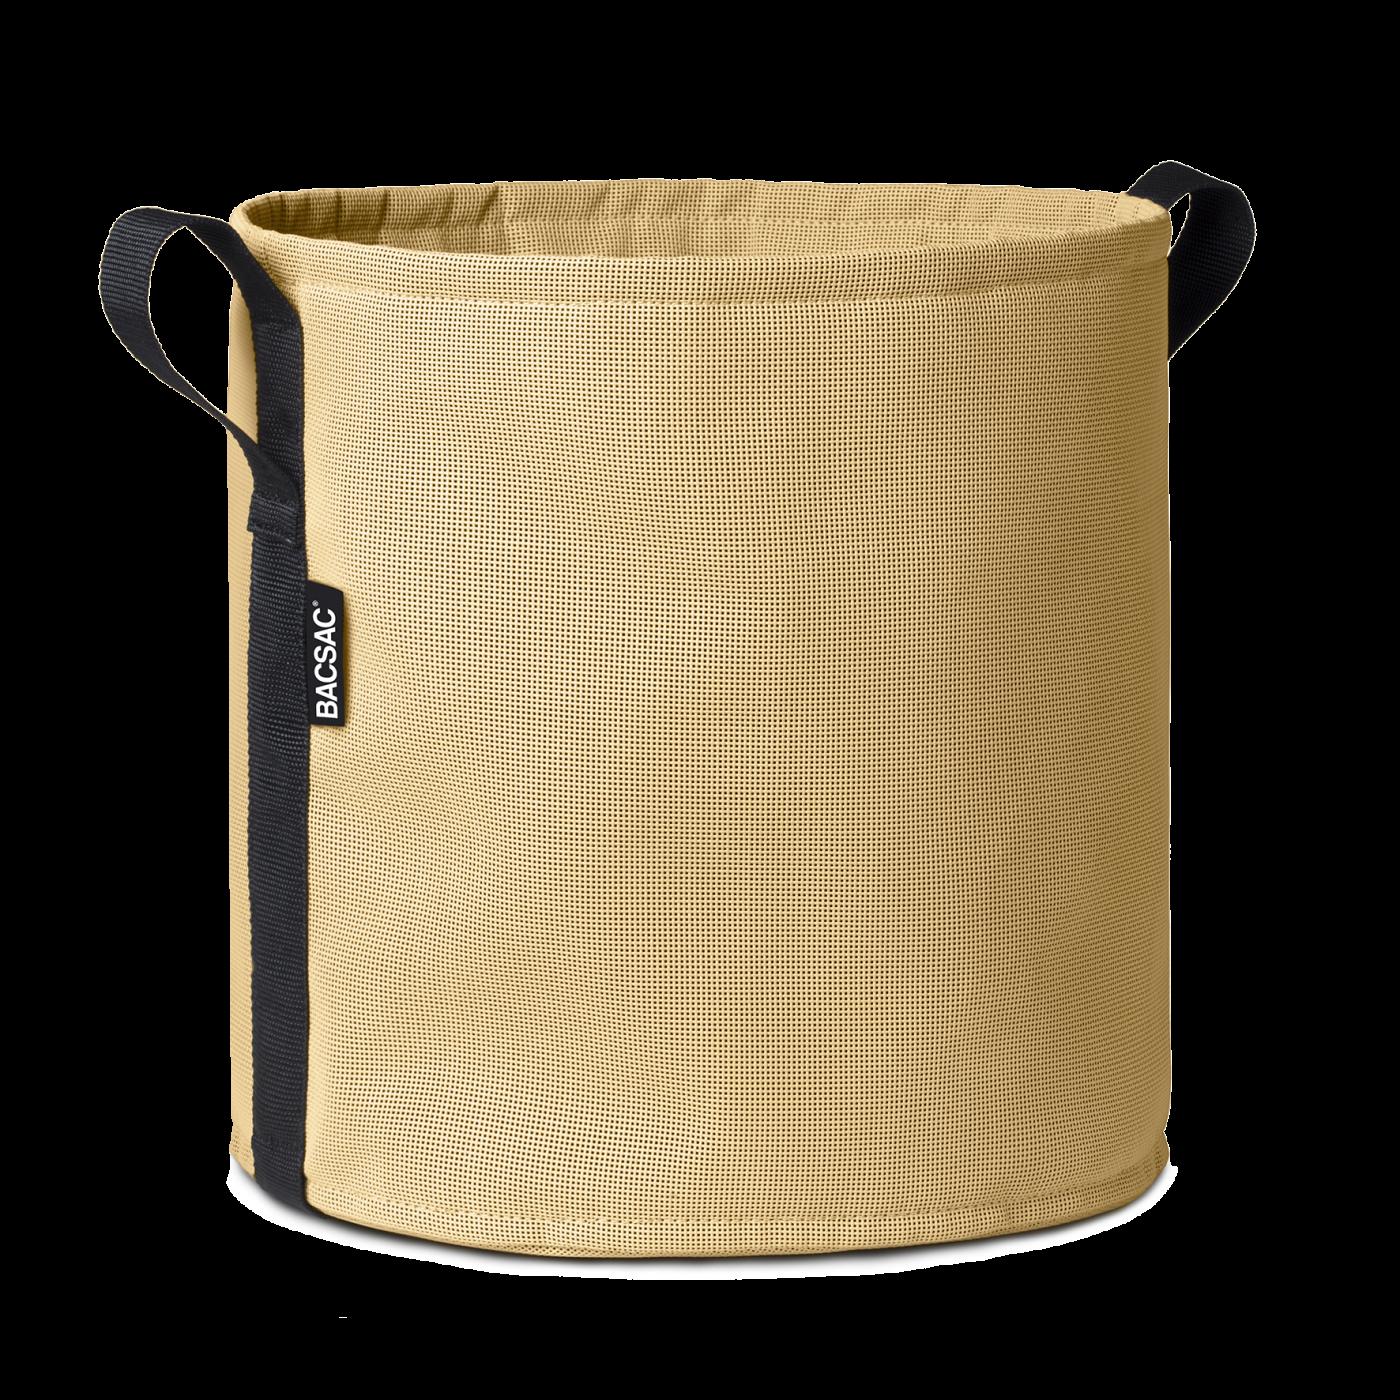 Strapped bag (10L) Olive